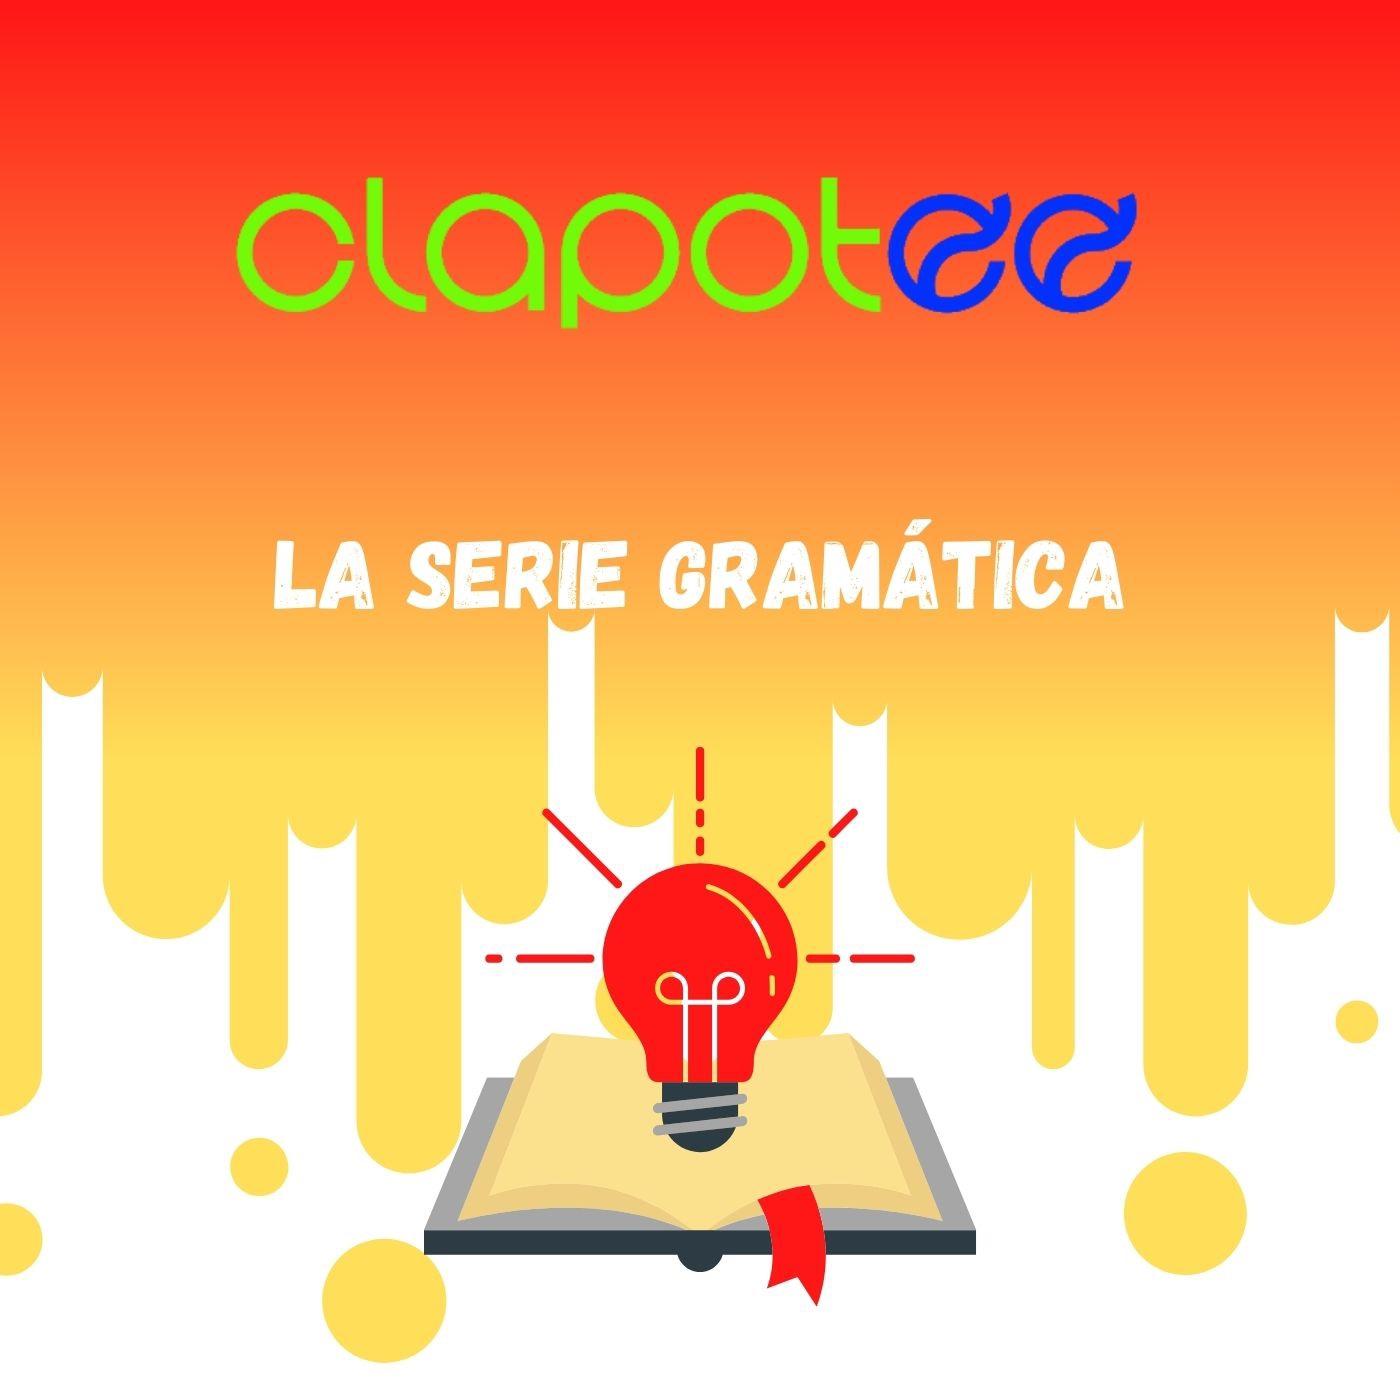 La gramática española